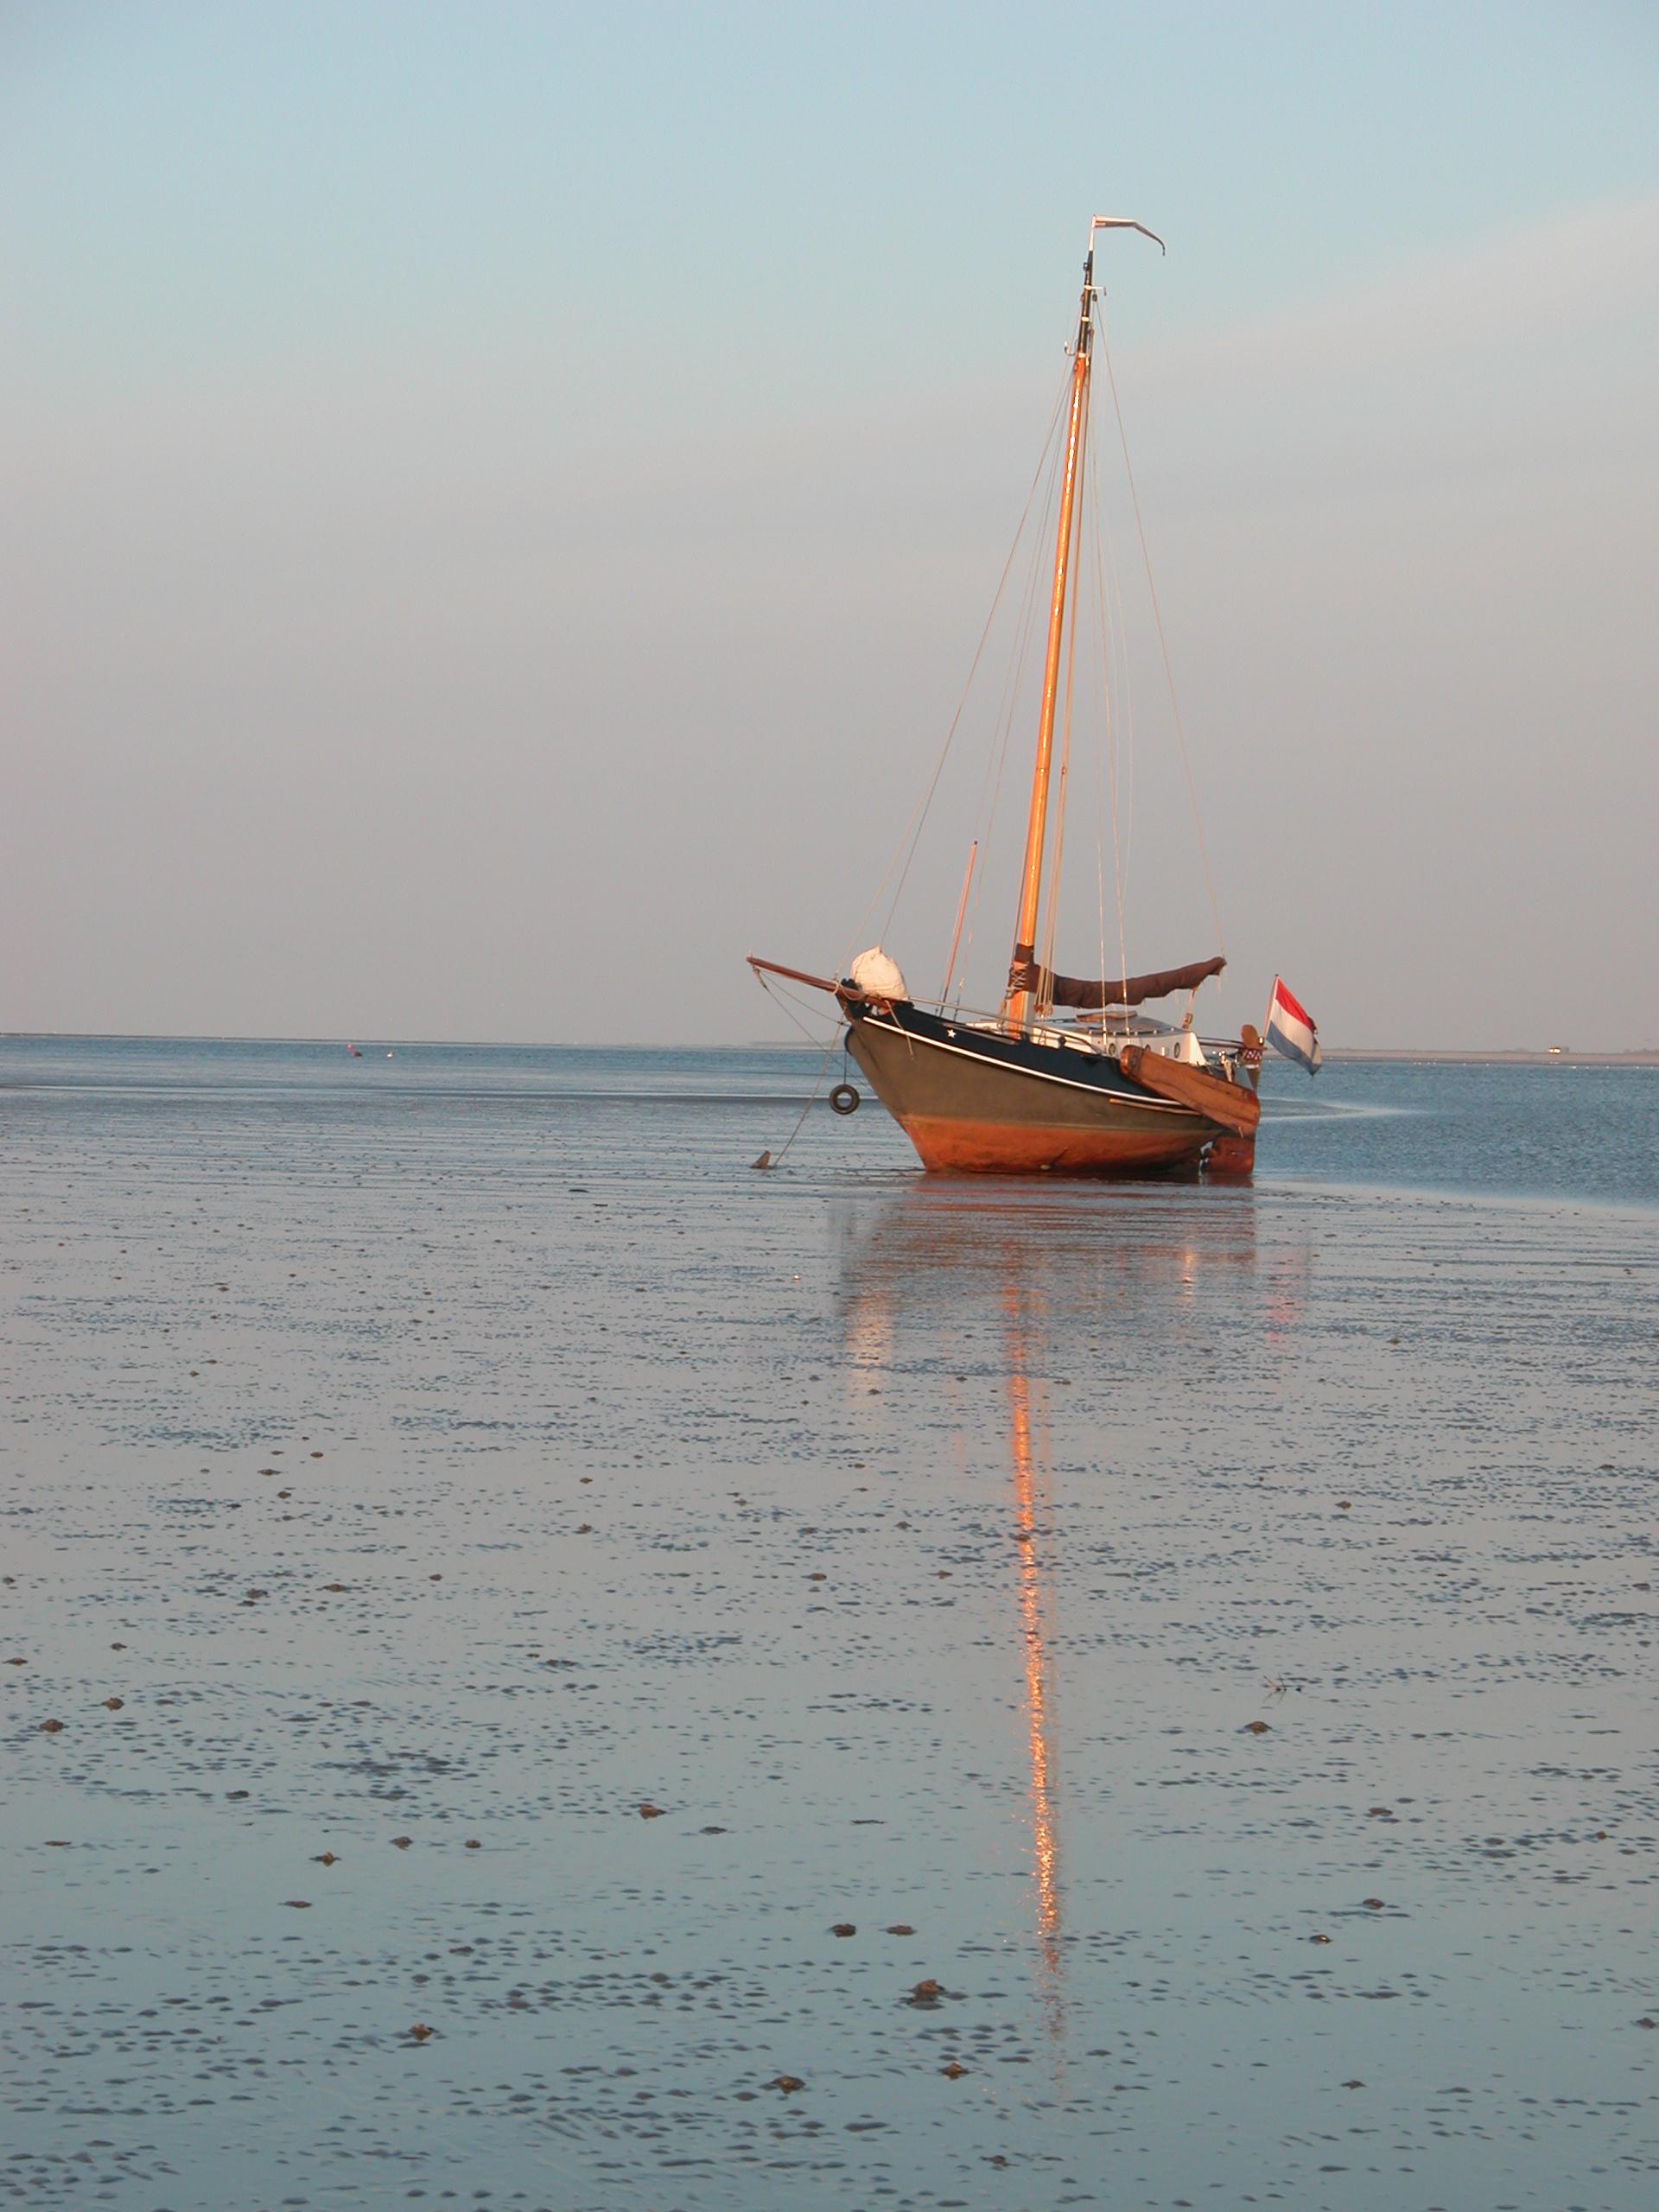 sail boat sailboat small yacht wooden mast sail furled up anchored